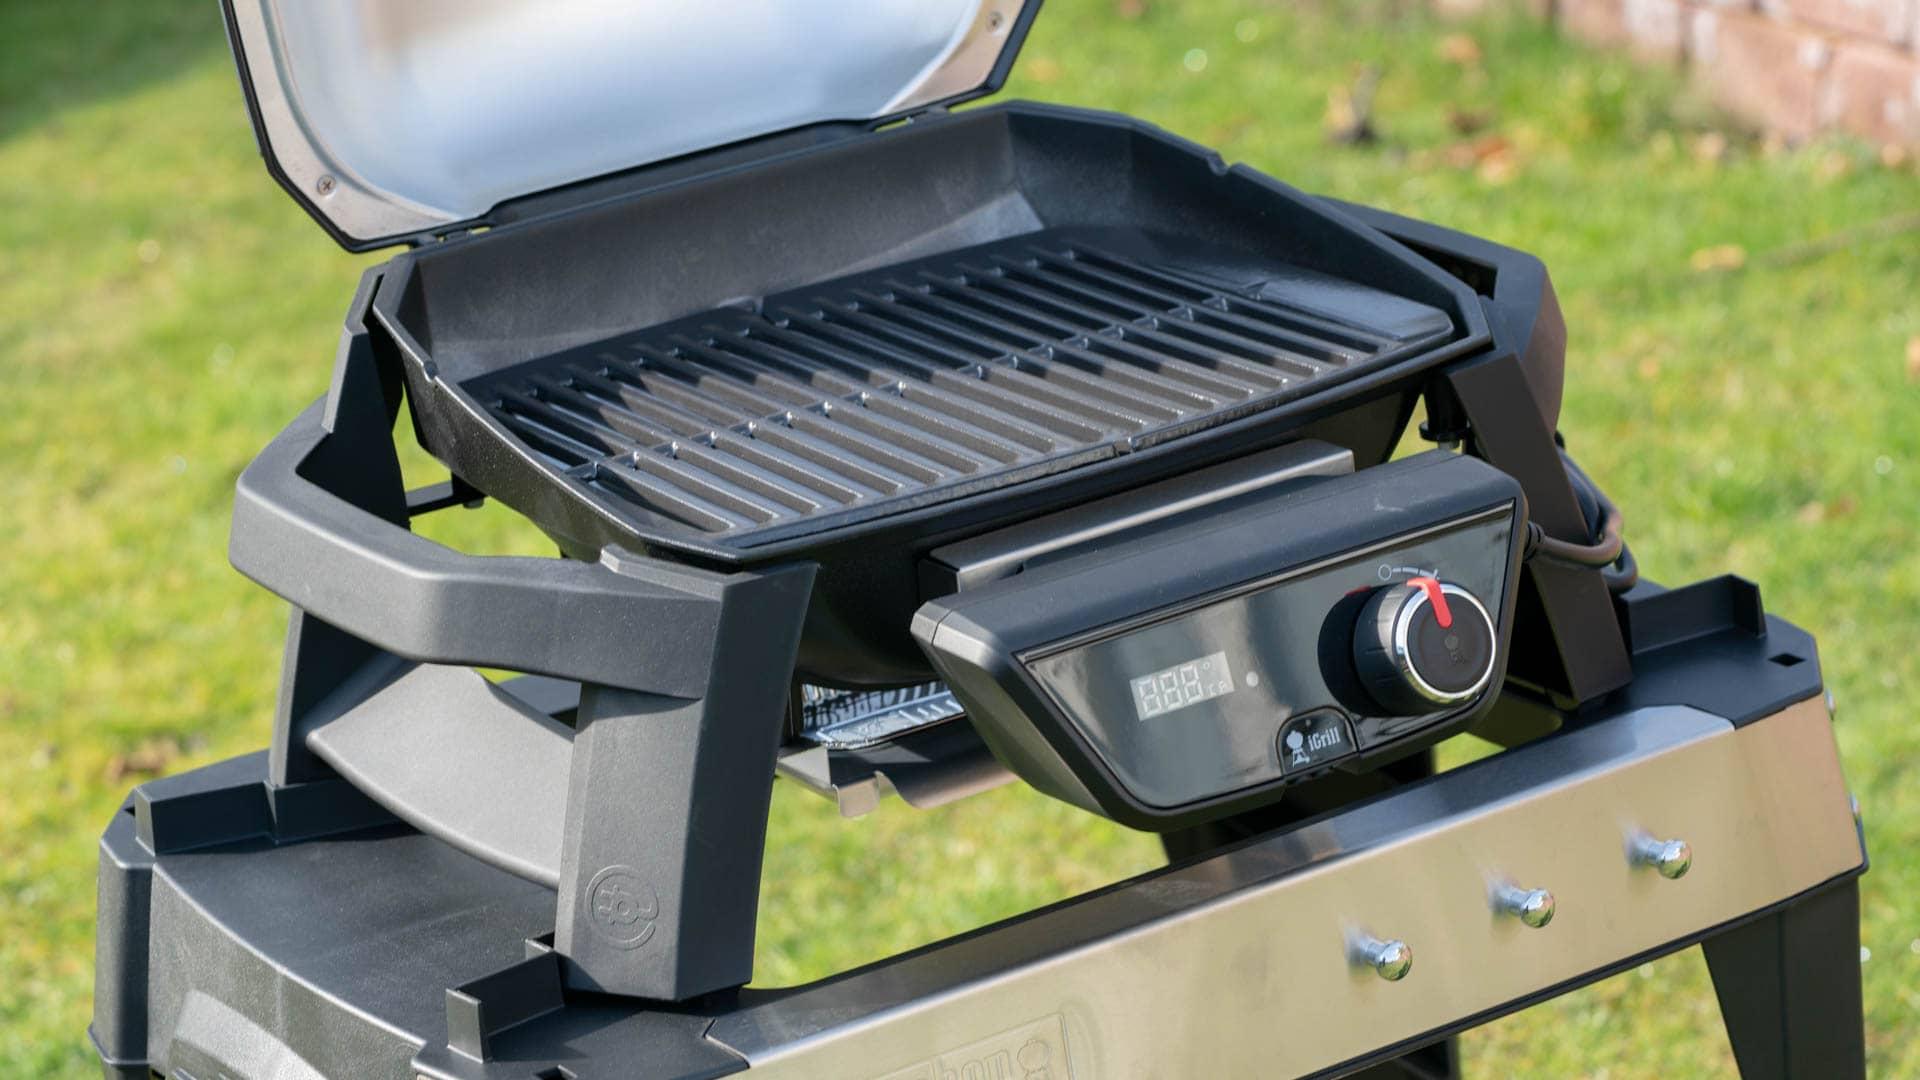 Test Elektrogrill Mit Deckel : Der weber pulse 1000 im test der beste elektro grill auf dem markt